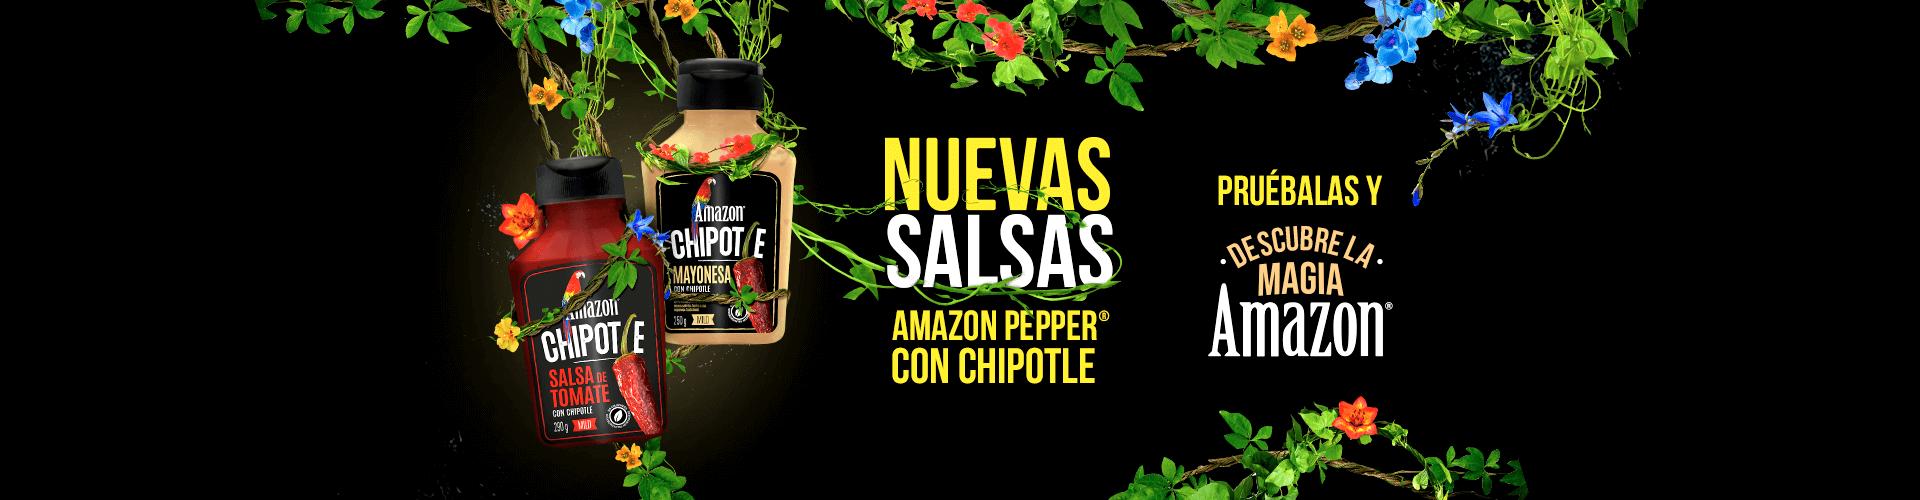 Nuevas salsas con chipotle